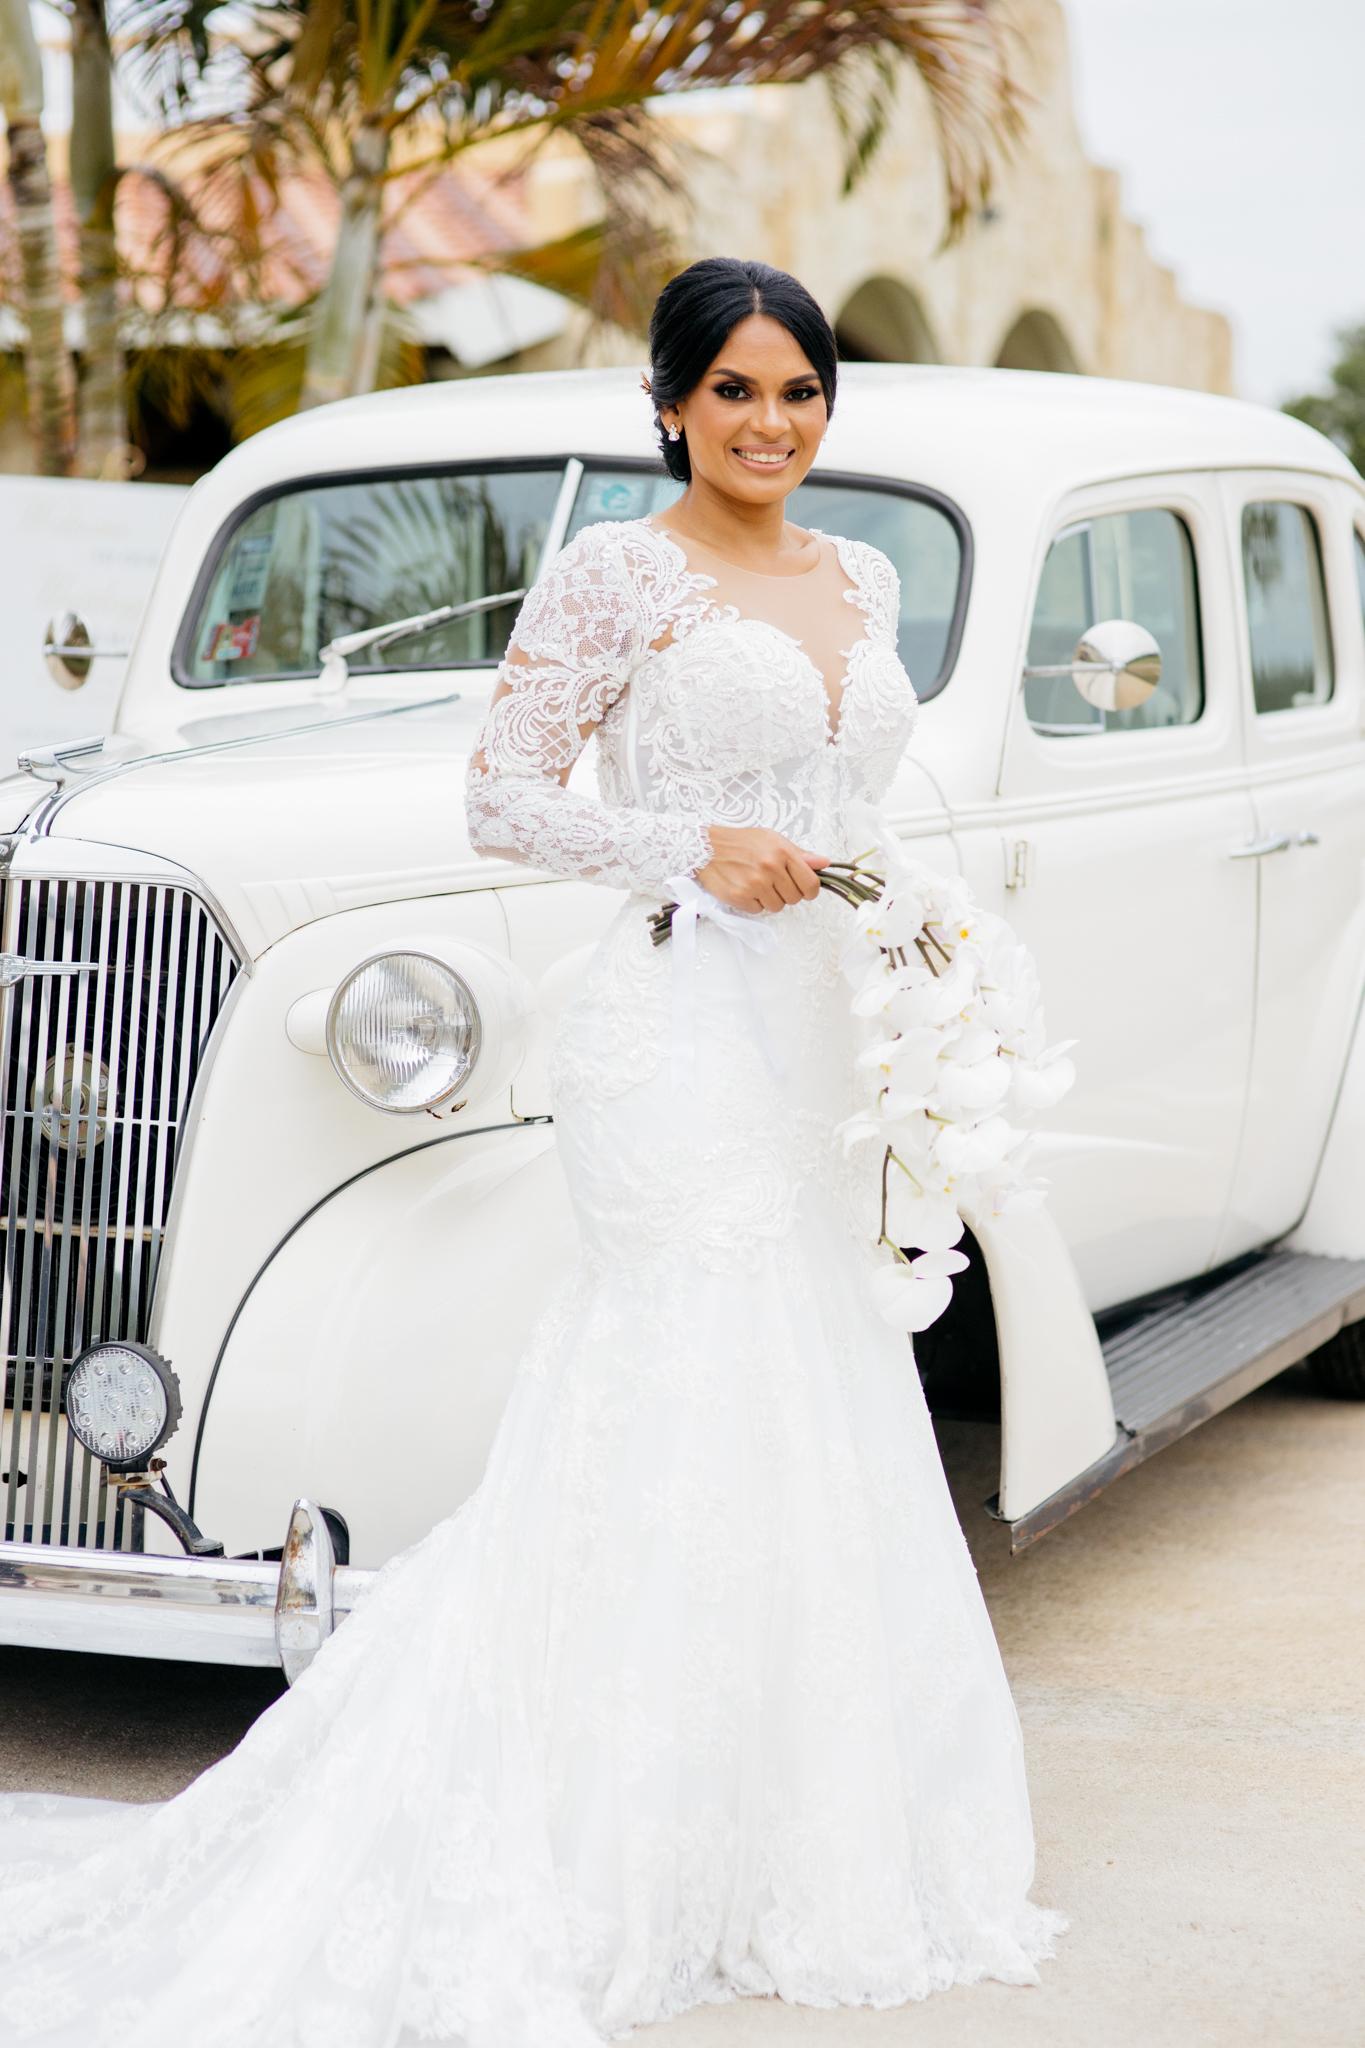 Vestido de la novia: D'Royal Bride, tocado y accesorios de Eva Guadalupe. Arreglo personal: Javier Moreno. Atuendo del novio: Leonardo Fifth Avenue (Maydeline Ines Photography)